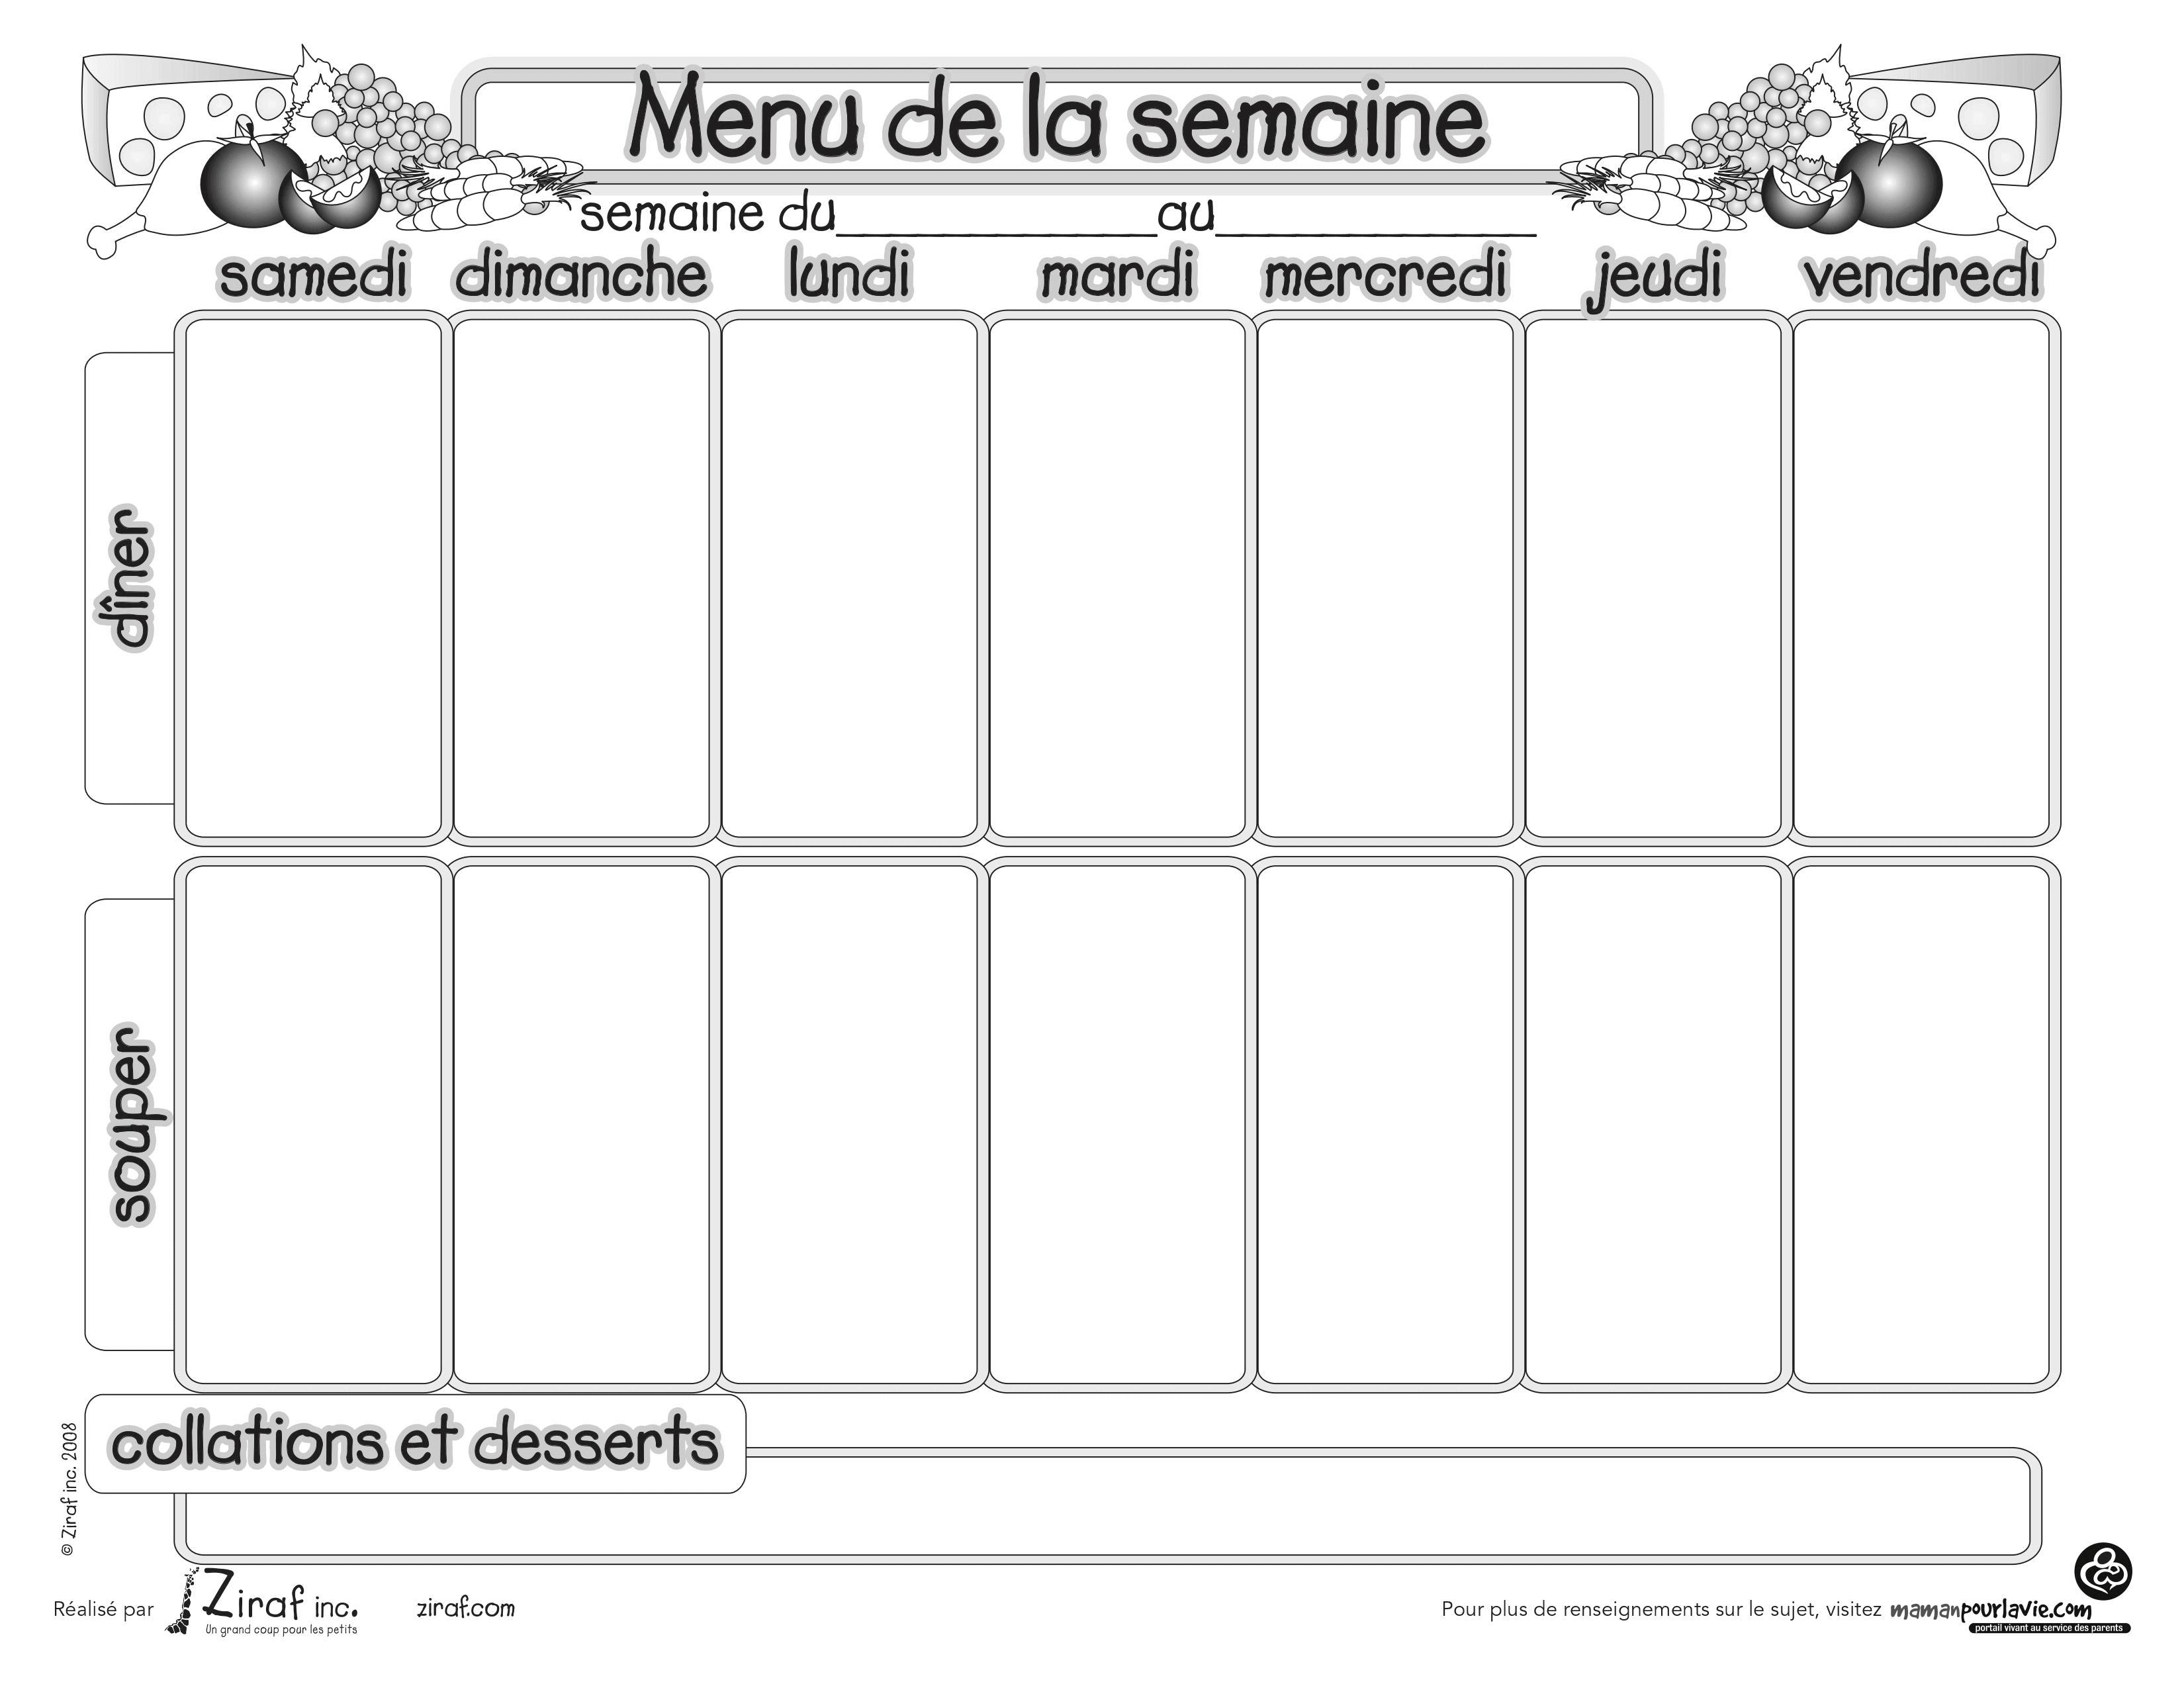 Menus de la semaine imprimer plannings vierges pdf - Cuisiner le dimanche pour la semaine ...